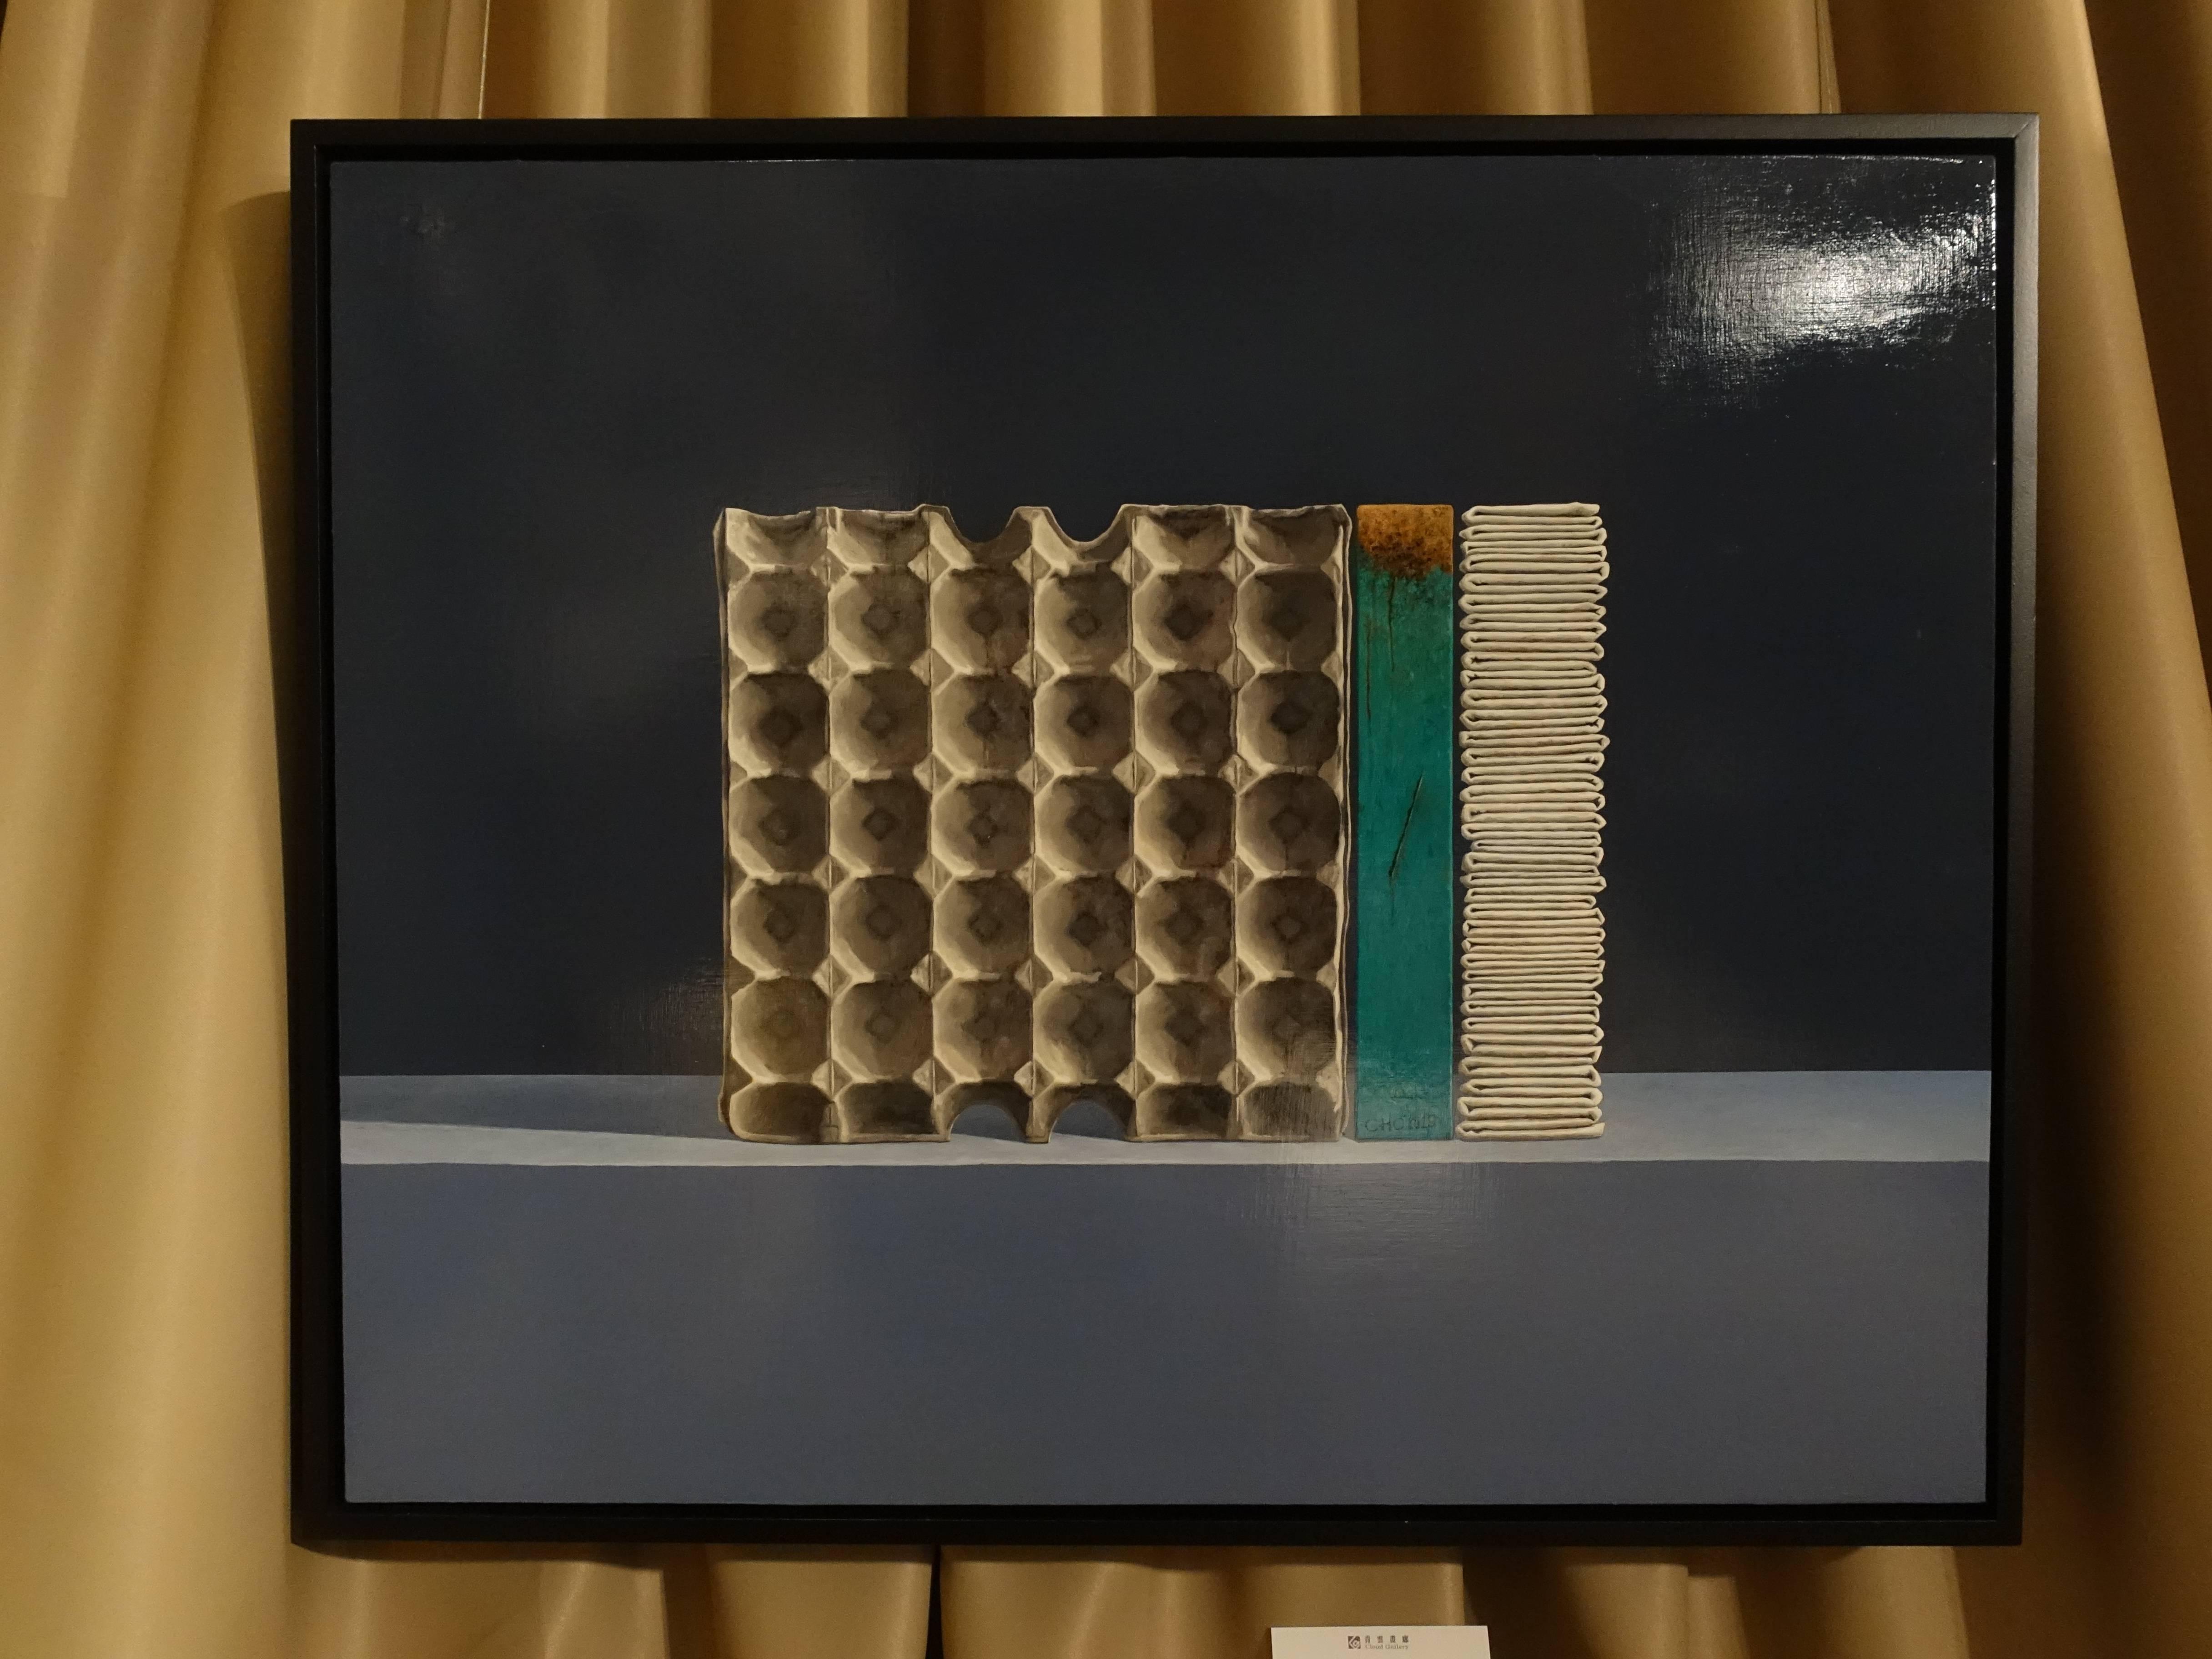 青雲畫廊藝術家 - 陳宏群,《疊構V》,53 x 65 cm,壓克力,2019。